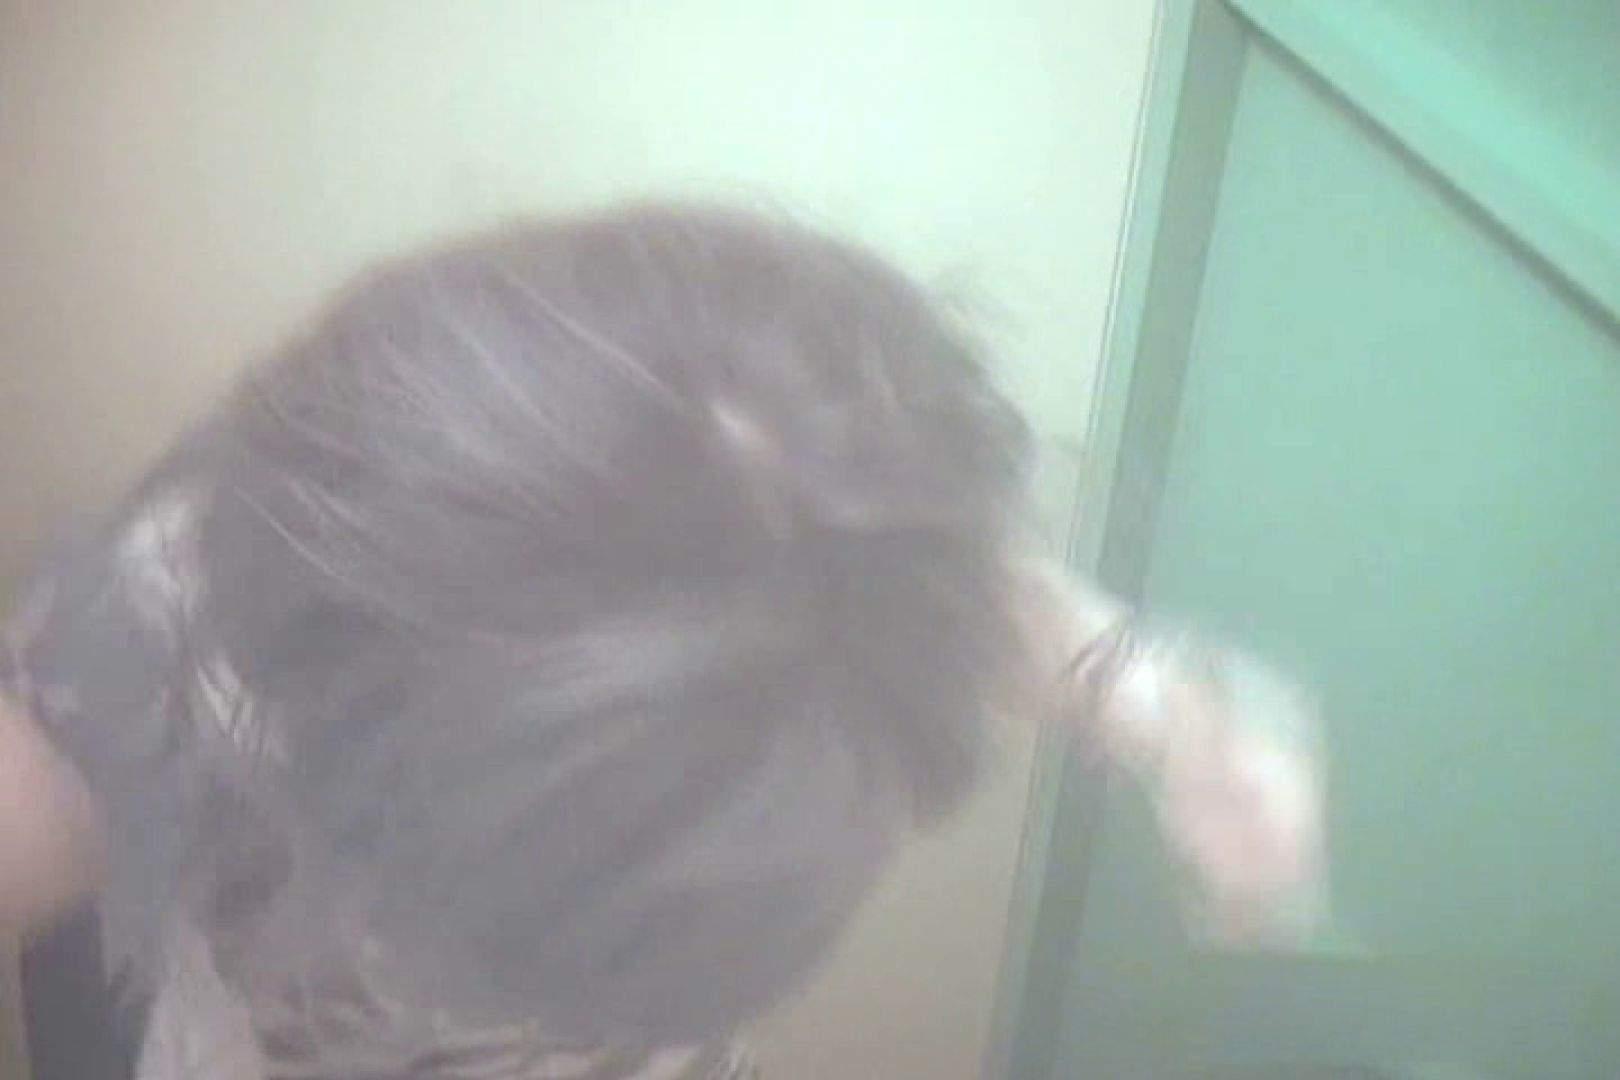 夏海シャワー室!ベトベトお肌をサラサラに!VOL.07 着替え 盗み撮り動画キャプチャ 61連発 9